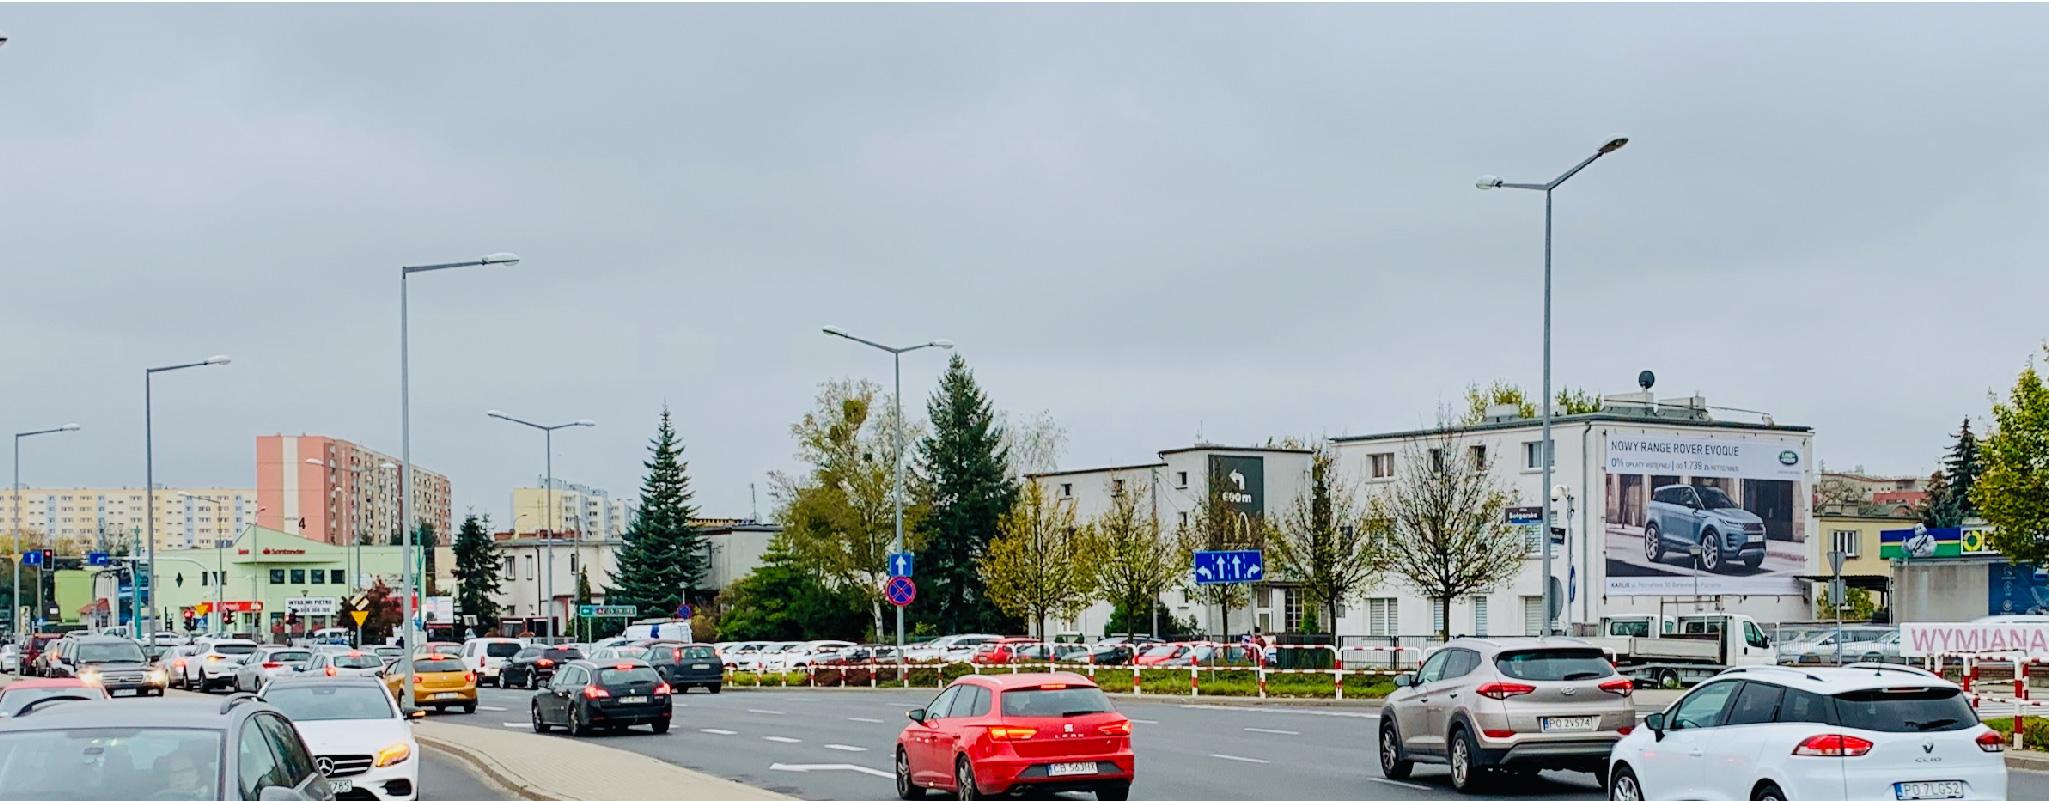 Wielki format Poznań Bułgarska Karlik